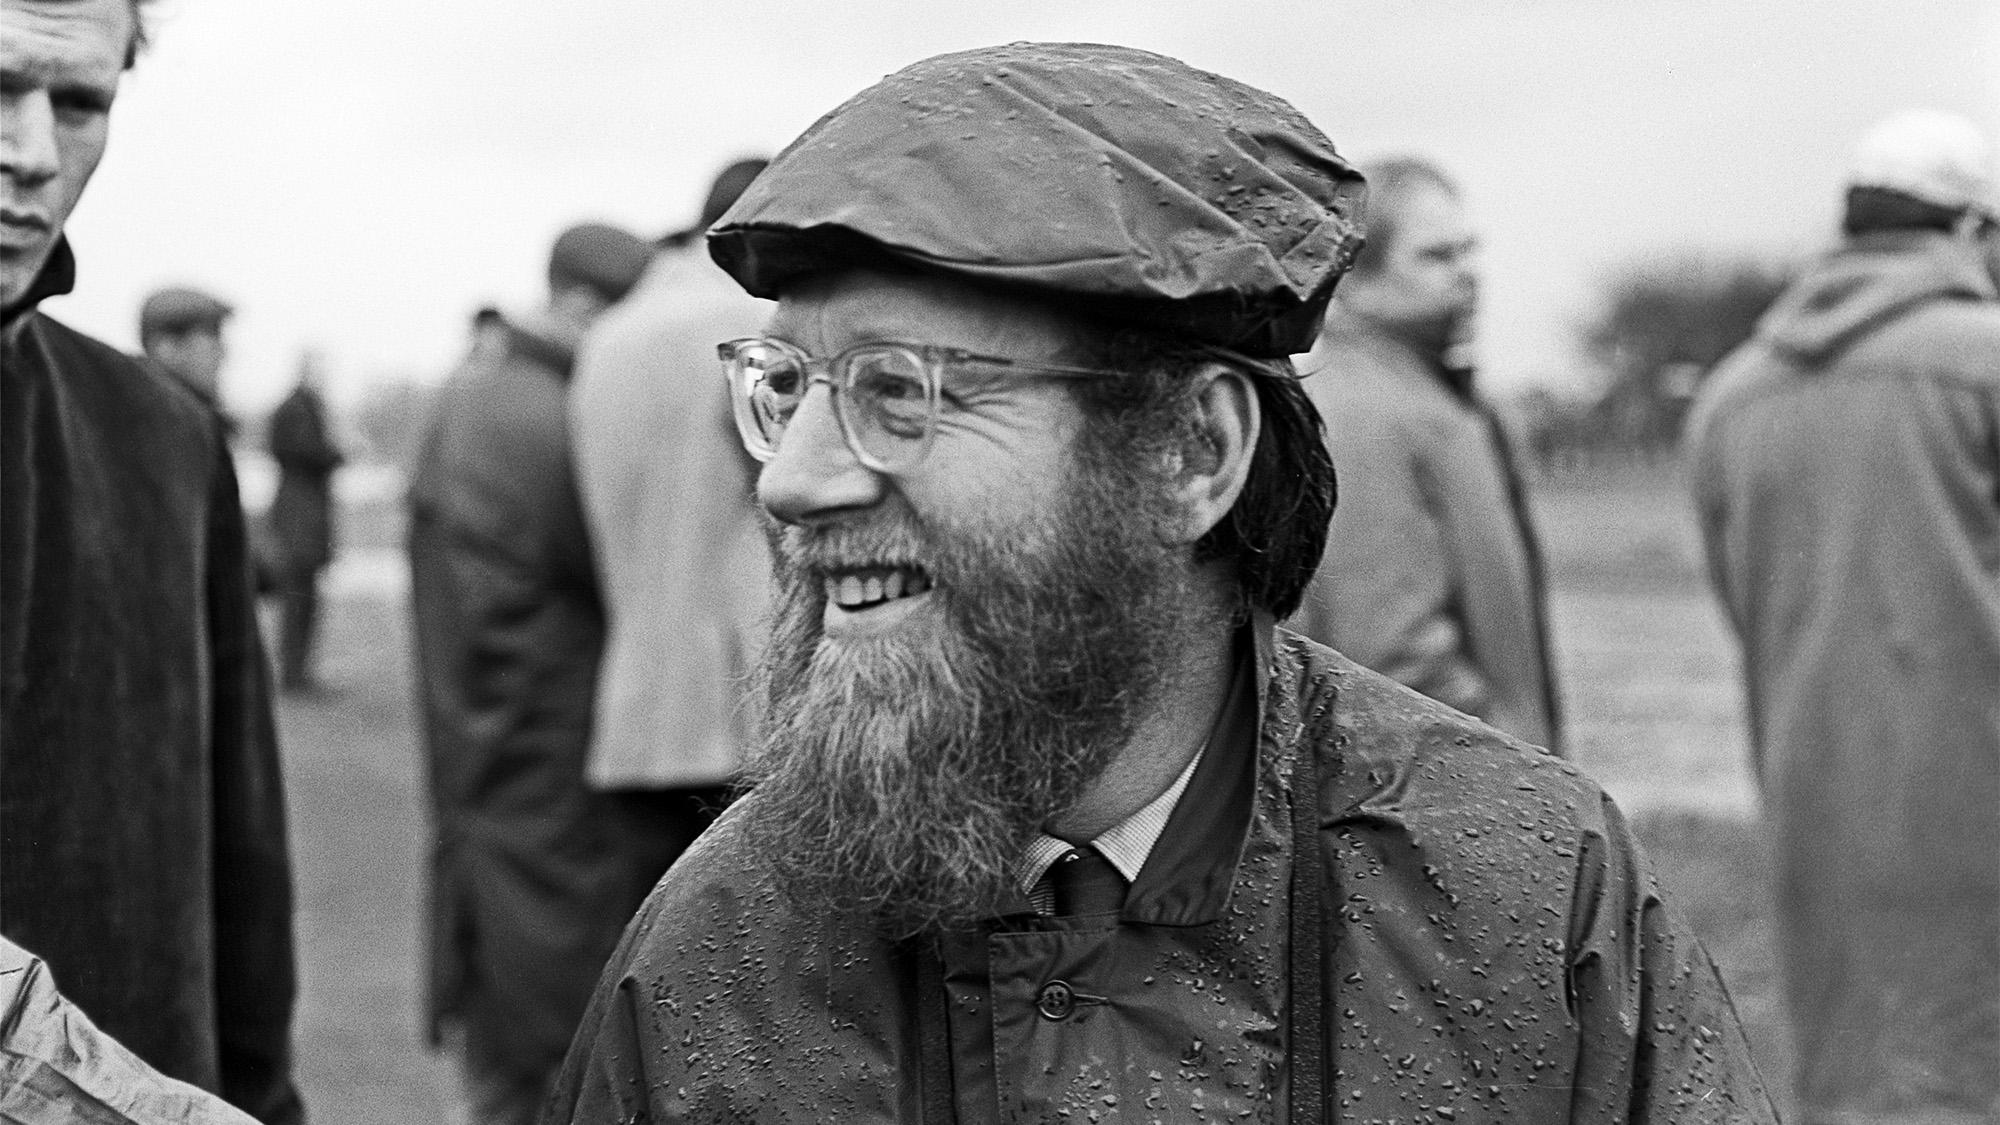 Denis Jenkinson in 1962